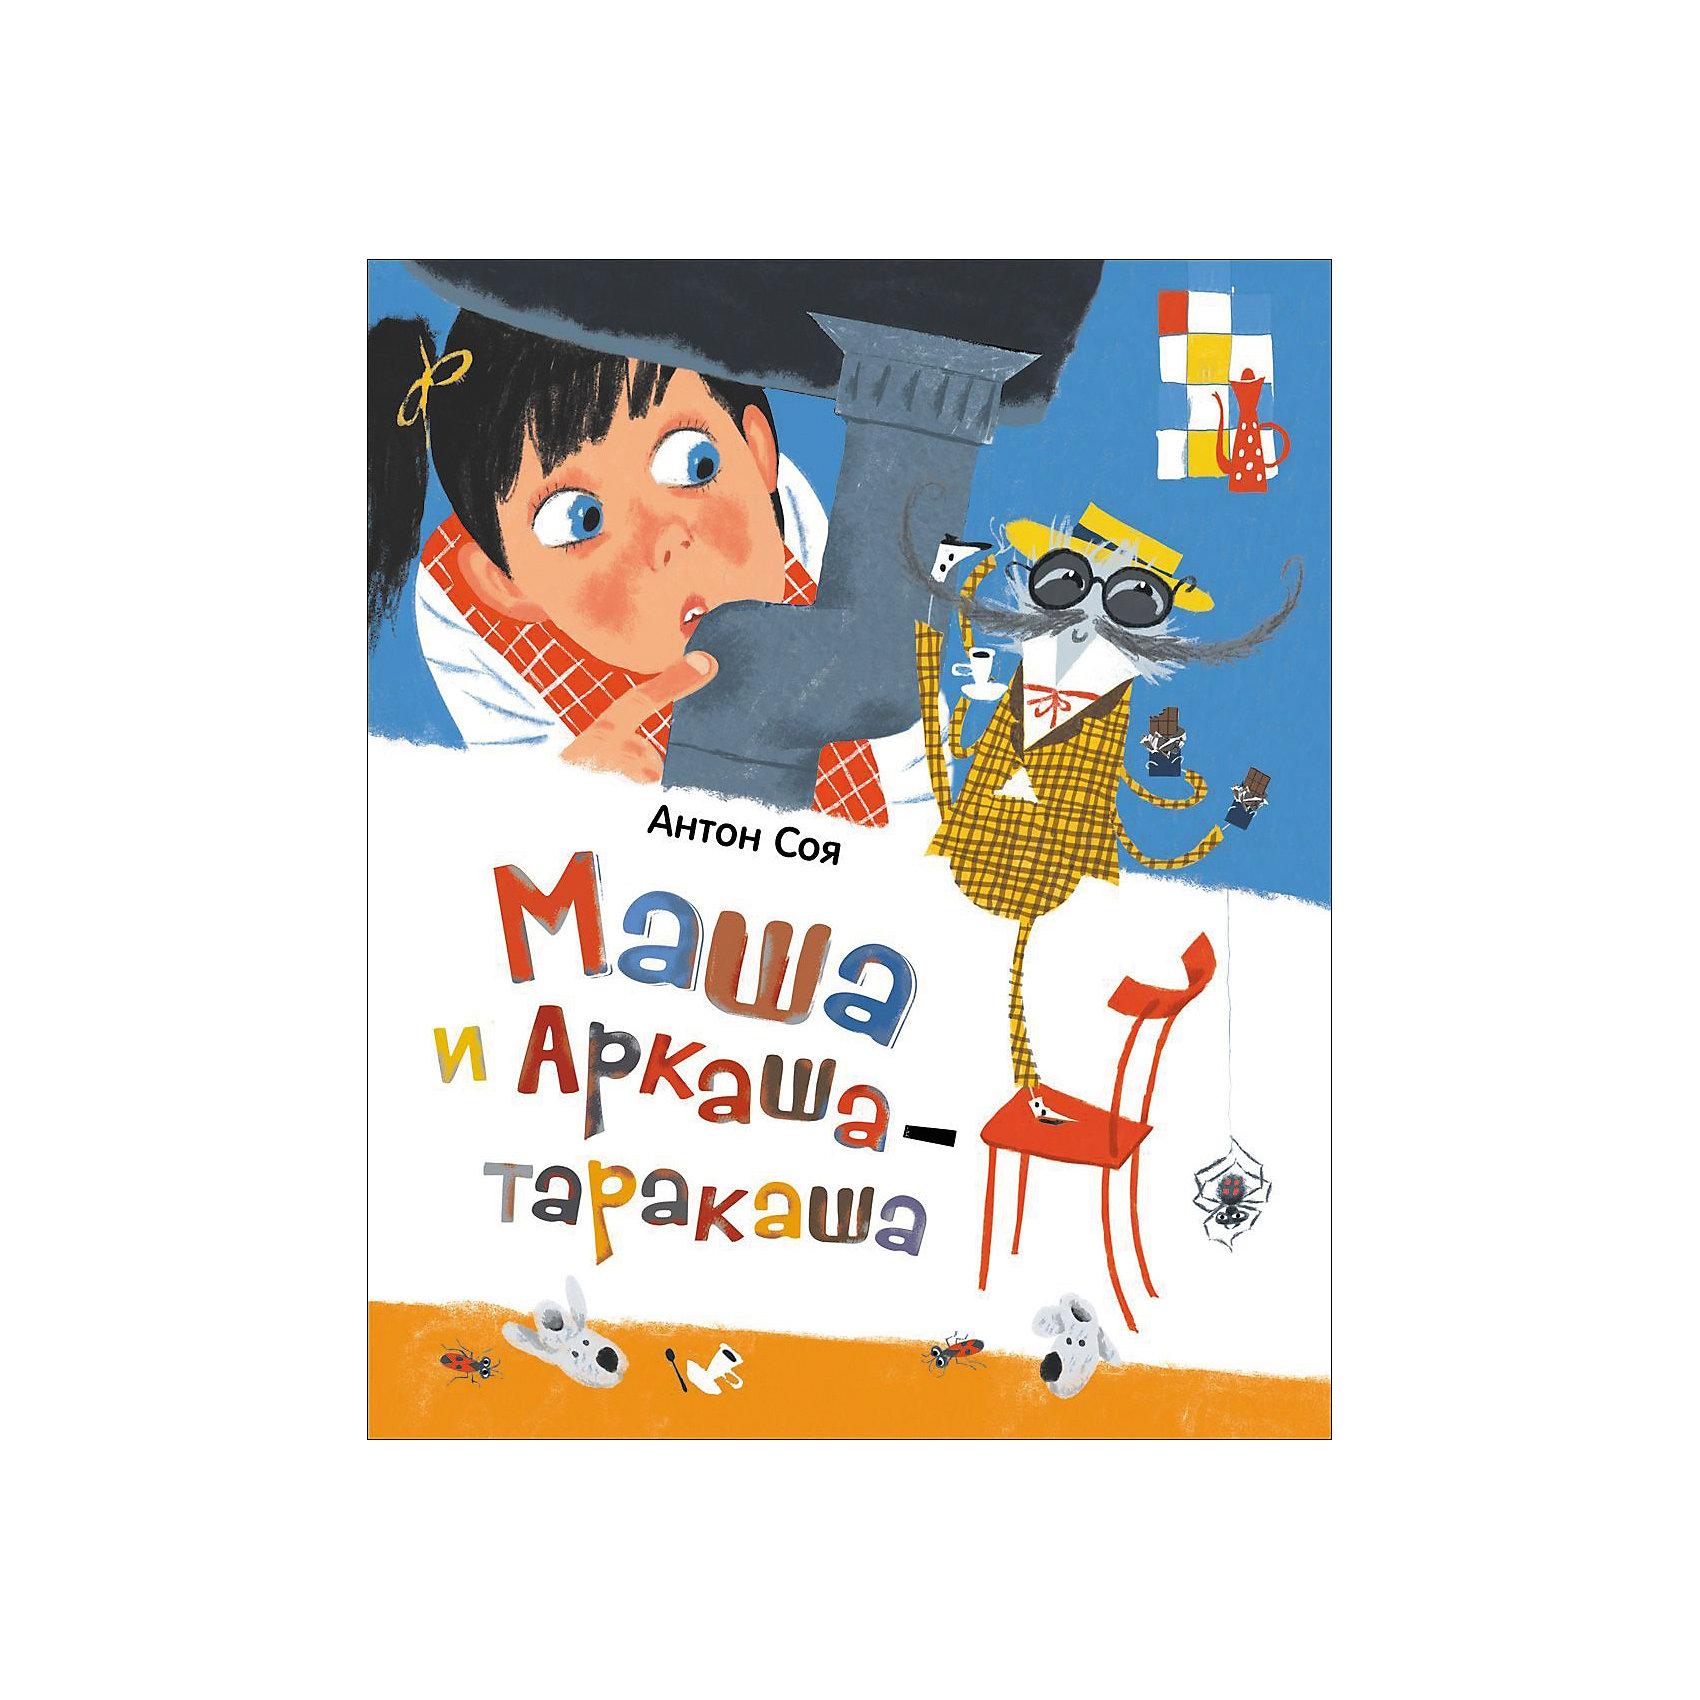 Маша и Аркаша-таракаша, А. СояХарактеристики товара:<br><br>- цвет: разноцветный;<br>- материал: бумага;<br>- страниц: 88;<br>- формат: 24 х 20 см;<br>- обложка: твердая;<br>- иллюстрации.<br><br>Эта интересная книга с иллюстрациями станет отличным подарком для ребенка. Она содержит в себе сказку, которая полюбилась уже многим! Талантливый иллюстратор дополнил книгу качественными рисунками, которые помогают ребенку проникнуться духом сказки.<br>Чтение - отличный способ активизации мышления, оно помогает ребенку развивать зрительную память, концентрацию внимания и воображение. Издание произведено из качественных материалов, которые безопасны даже для самых маленьких.<br><br>Книгу Маша и Аркаша-таракаша, А. Соя от компании Росмэн можно купить в нашем интернет-магазине.<br><br>Ширина мм: 245<br>Глубина мм: 205<br>Высота мм: 10<br>Вес г: 375<br>Возраст от месяцев: 60<br>Возраст до месяцев: 84<br>Пол: Унисекс<br>Возраст: Детский<br>SKU: 5109917